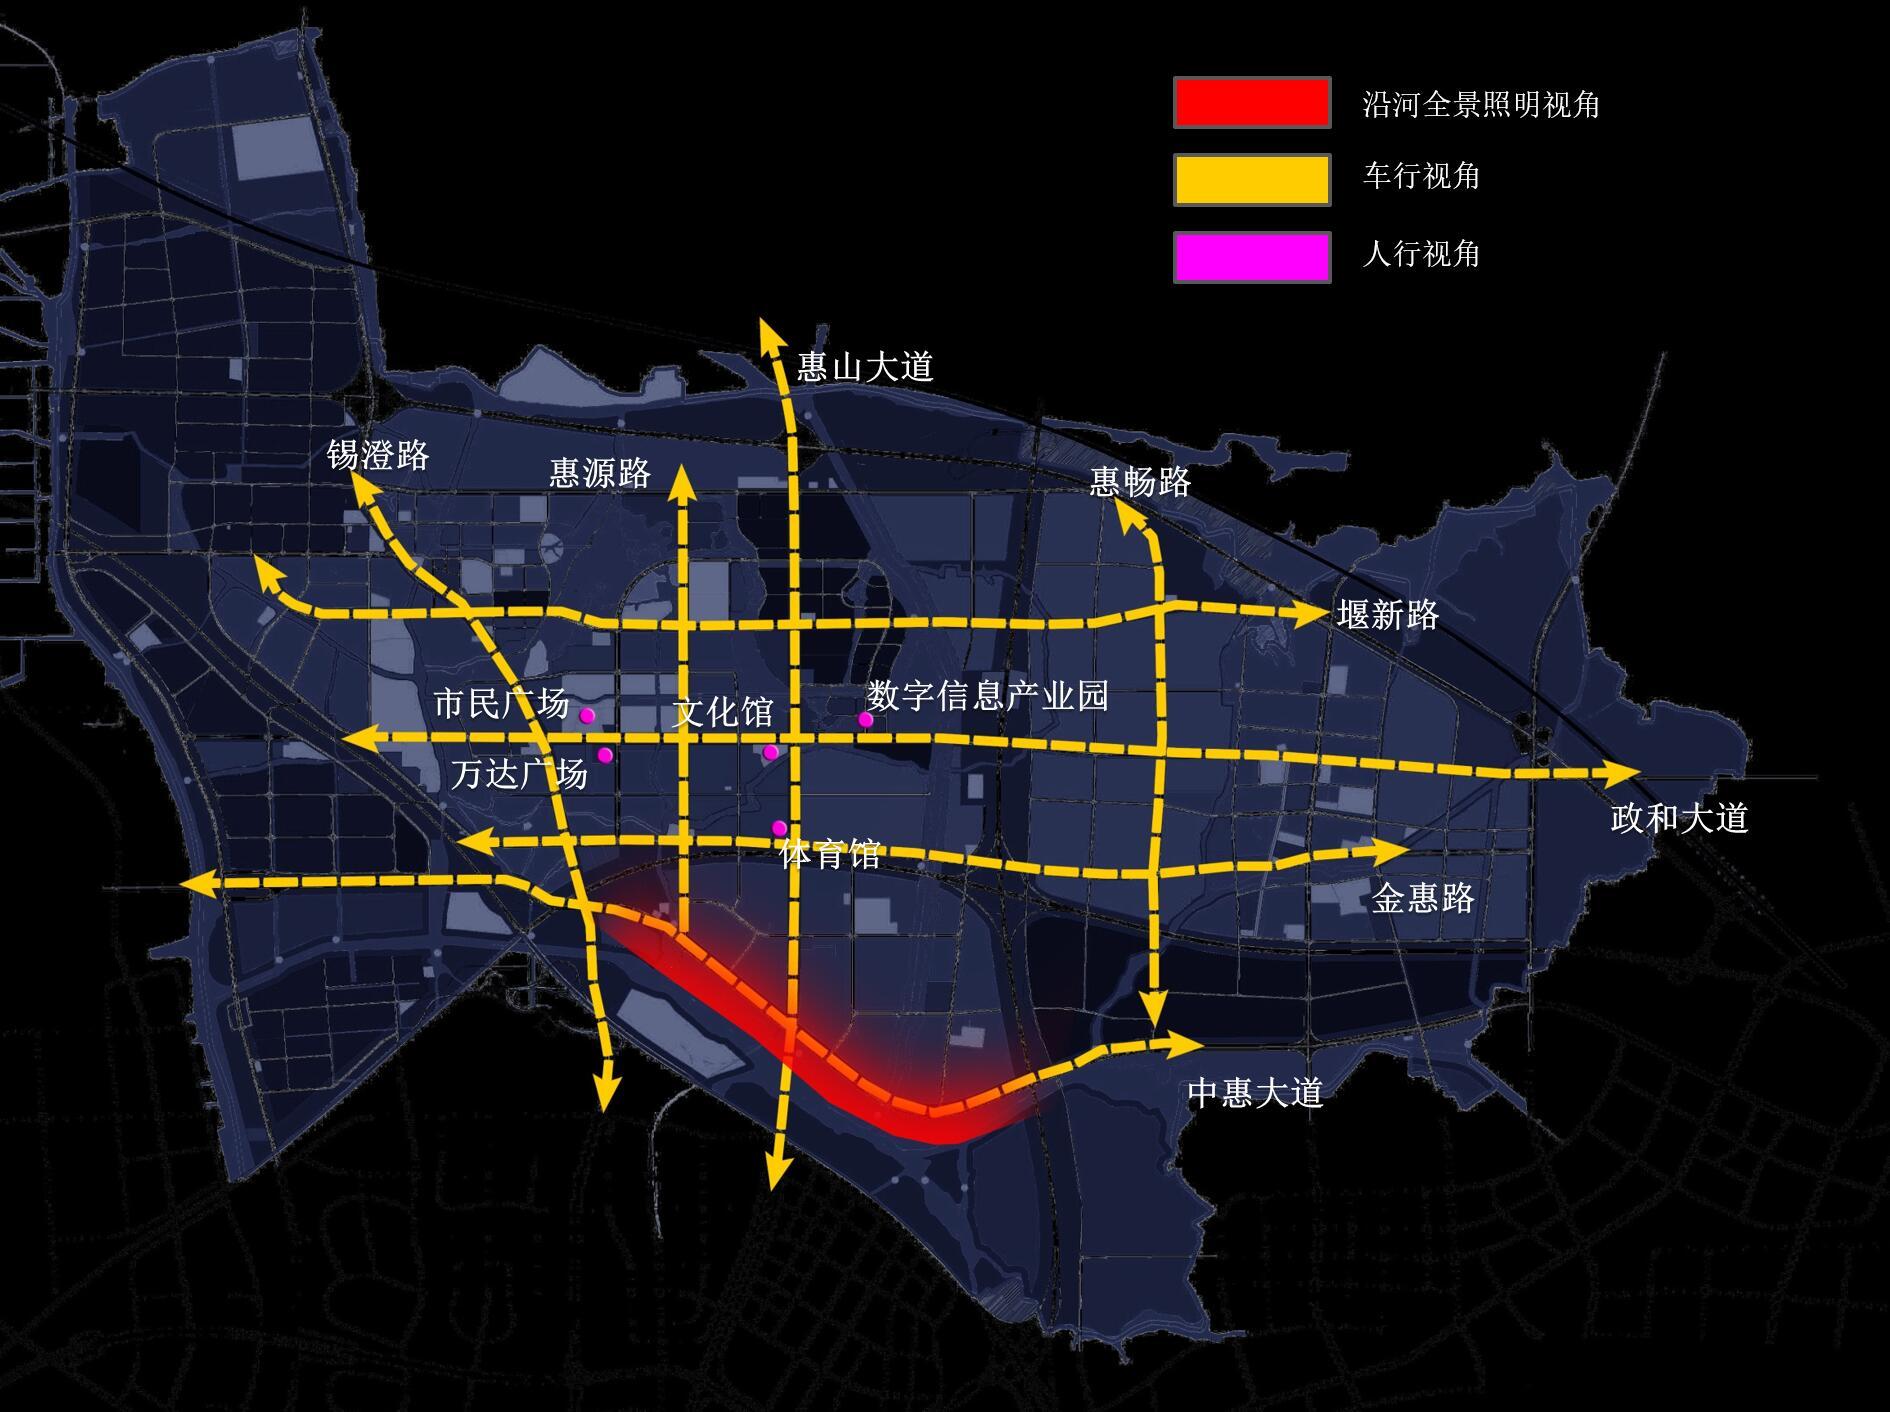 惠山 (2).jpg